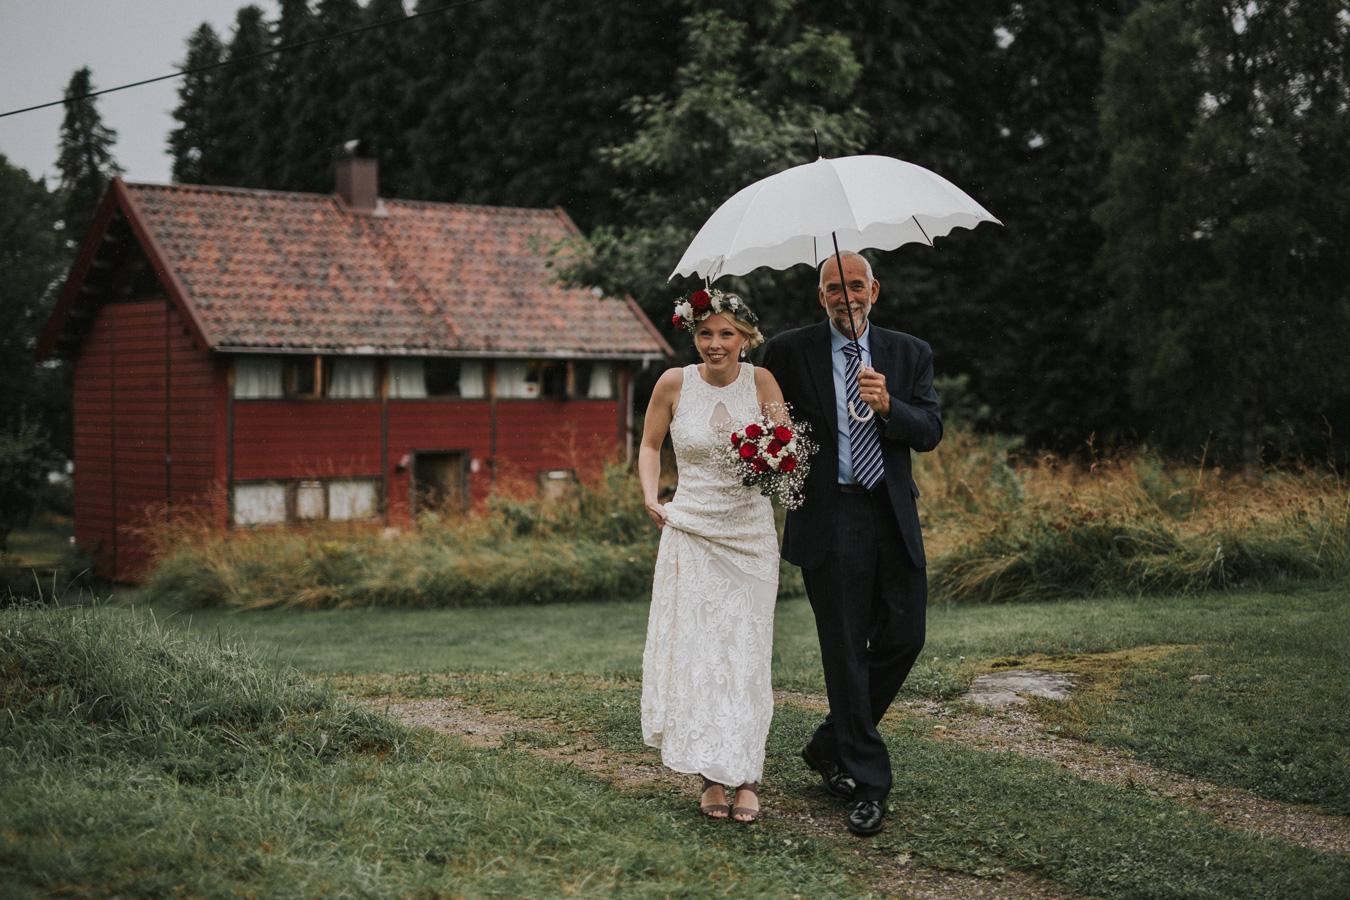 013-bryllupsfotograf-oslo-drobak-laavebryllup-tone-tvedt.jpg